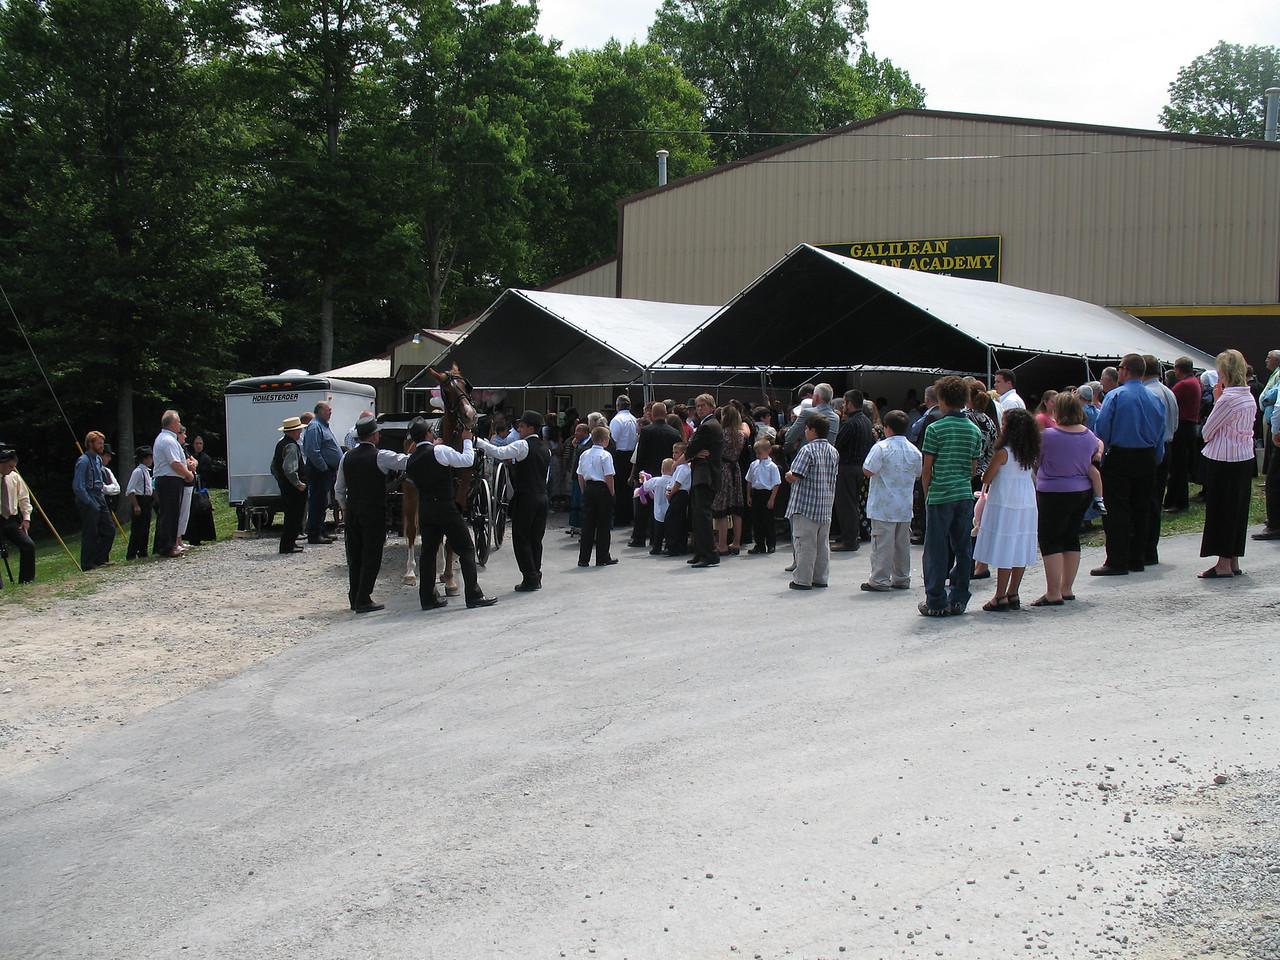 Loading casket in Hearse.